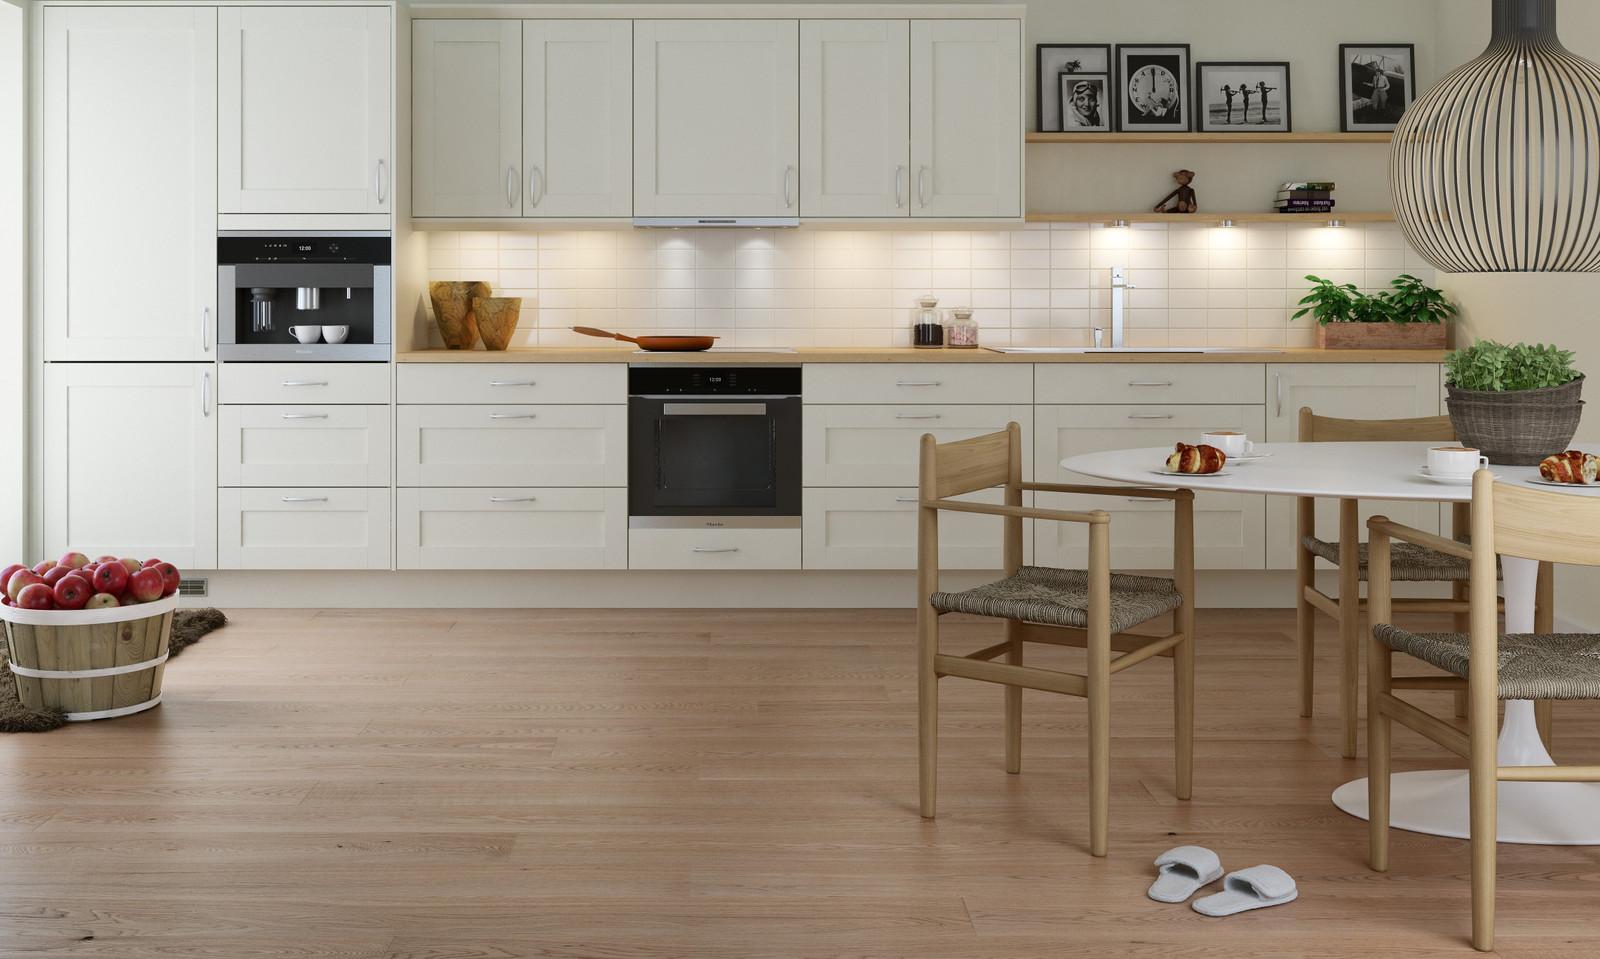 Huseby kjøkken som standard i leveransen. Eksempelbilde på aktuell front og design.